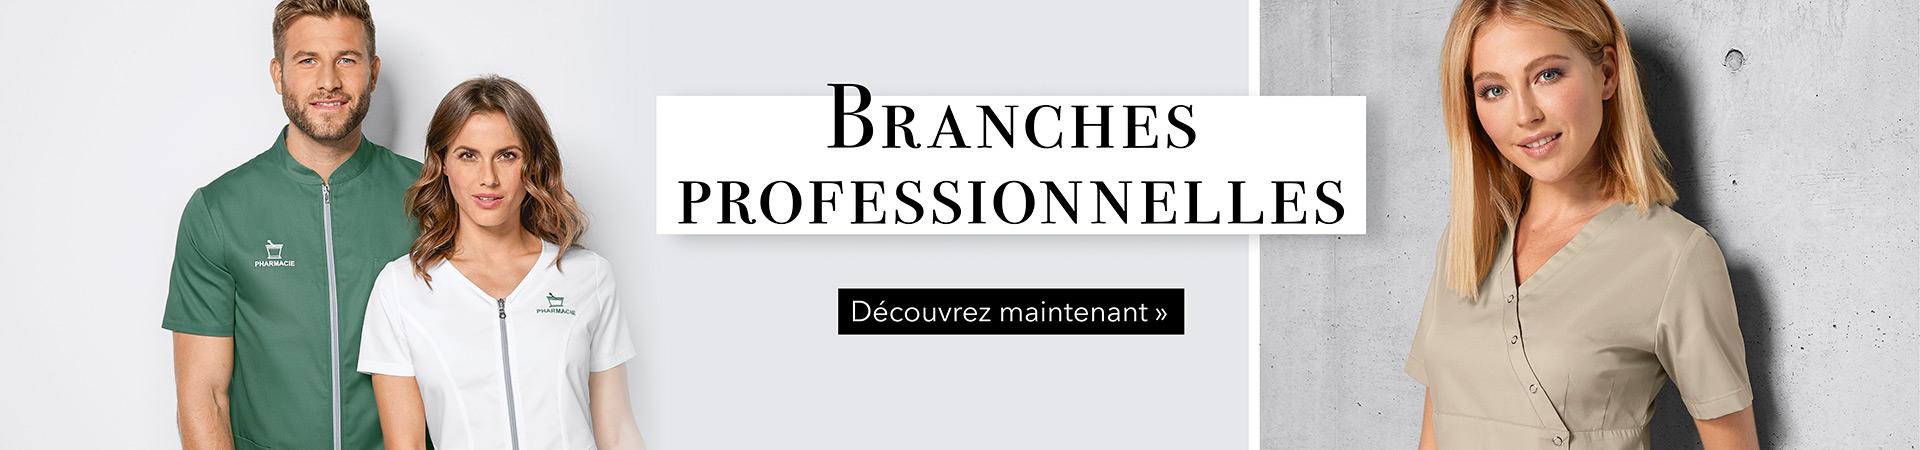 Branches professionnelles